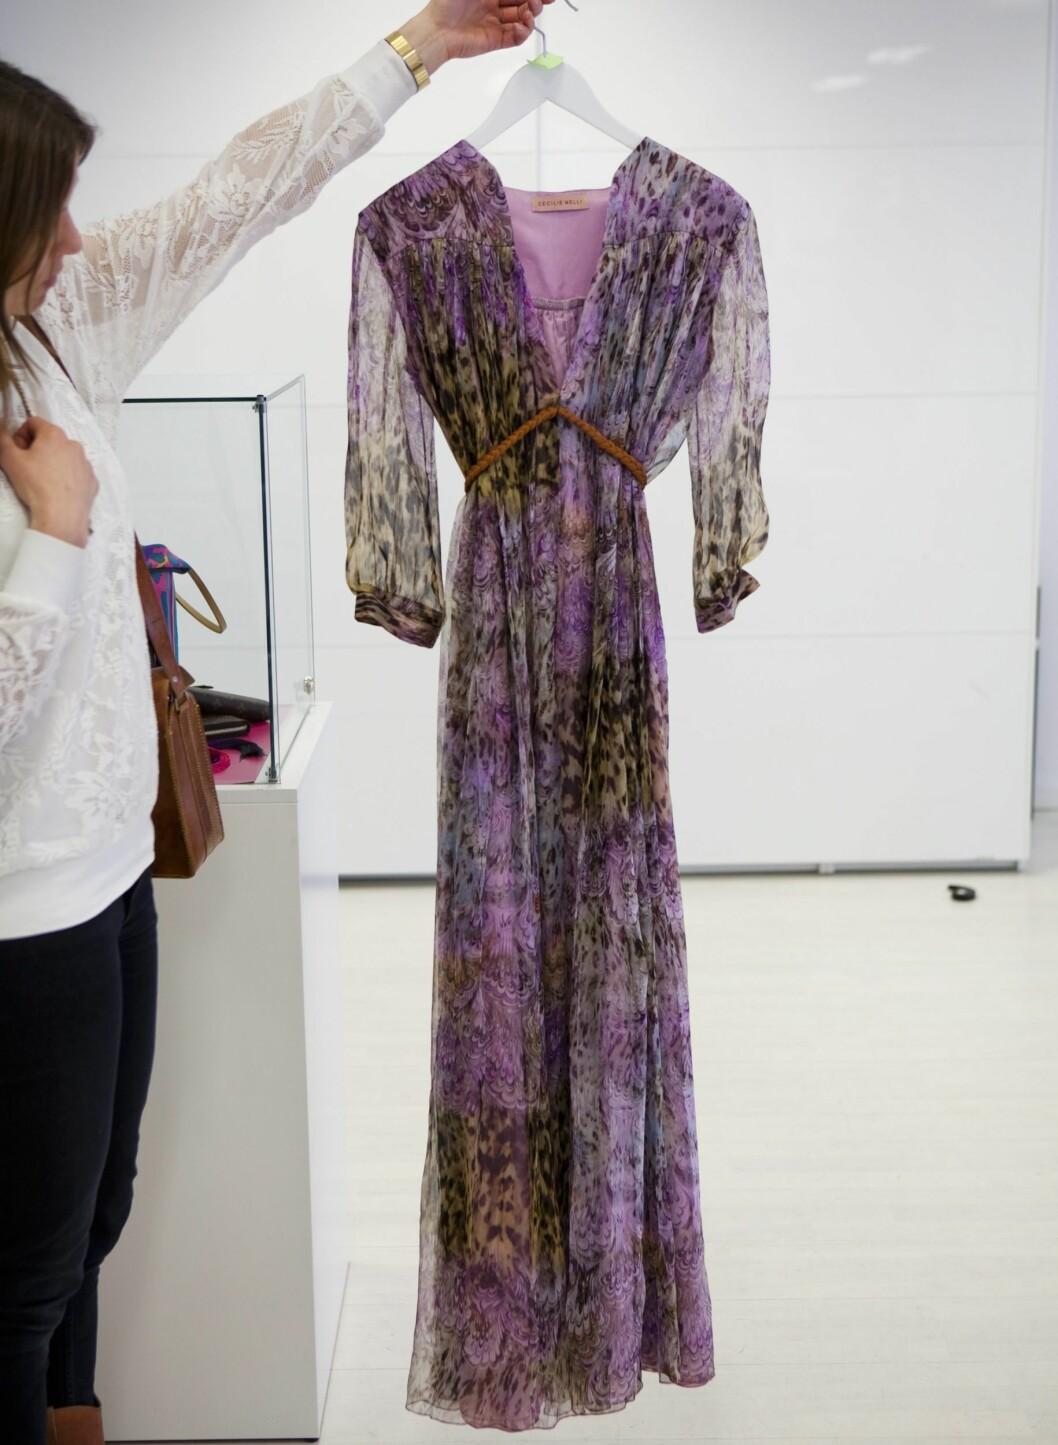 Sommerkjolen kan brukes utover høsten og vinteren også, så lenge jakken, strømpene og skoene er varme nok. Denne lilla kjolen fra norske Cecilie Melli er en drøm, og kan brukes hele neste sommer også.